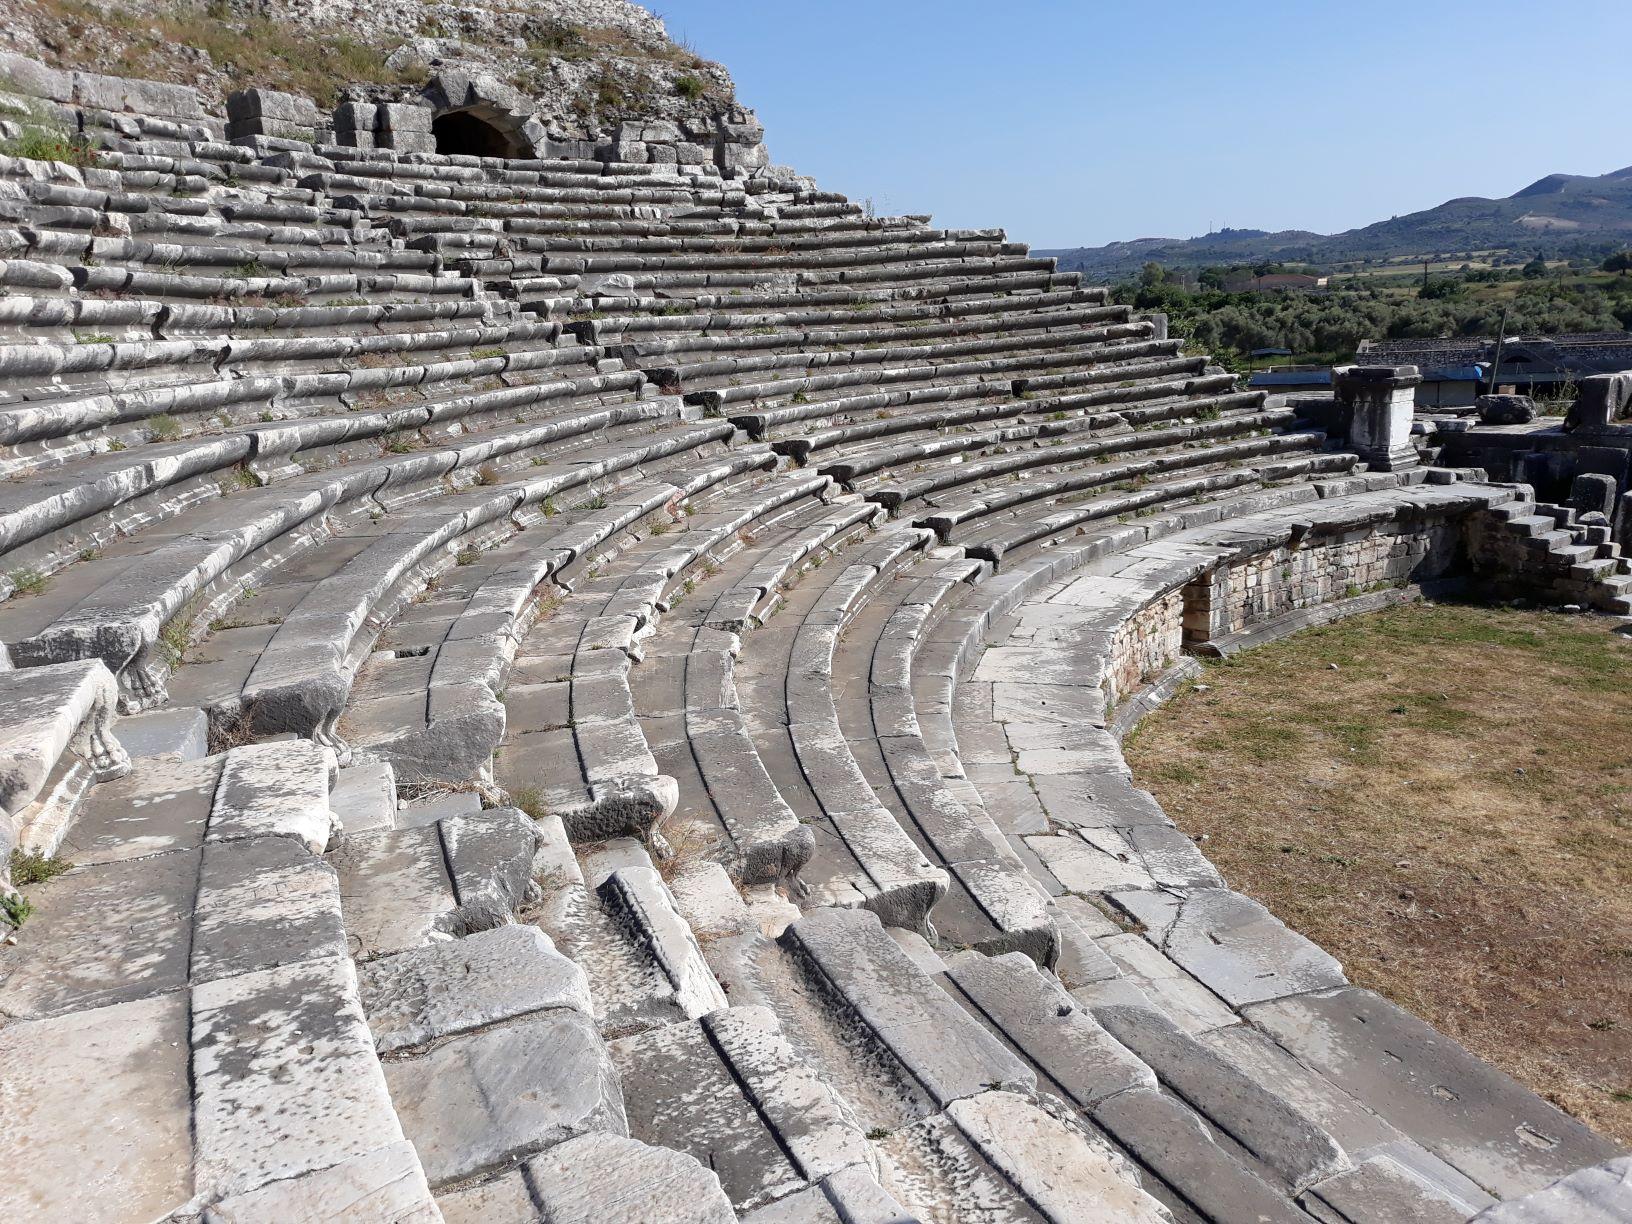 Teatro romano em Mileto